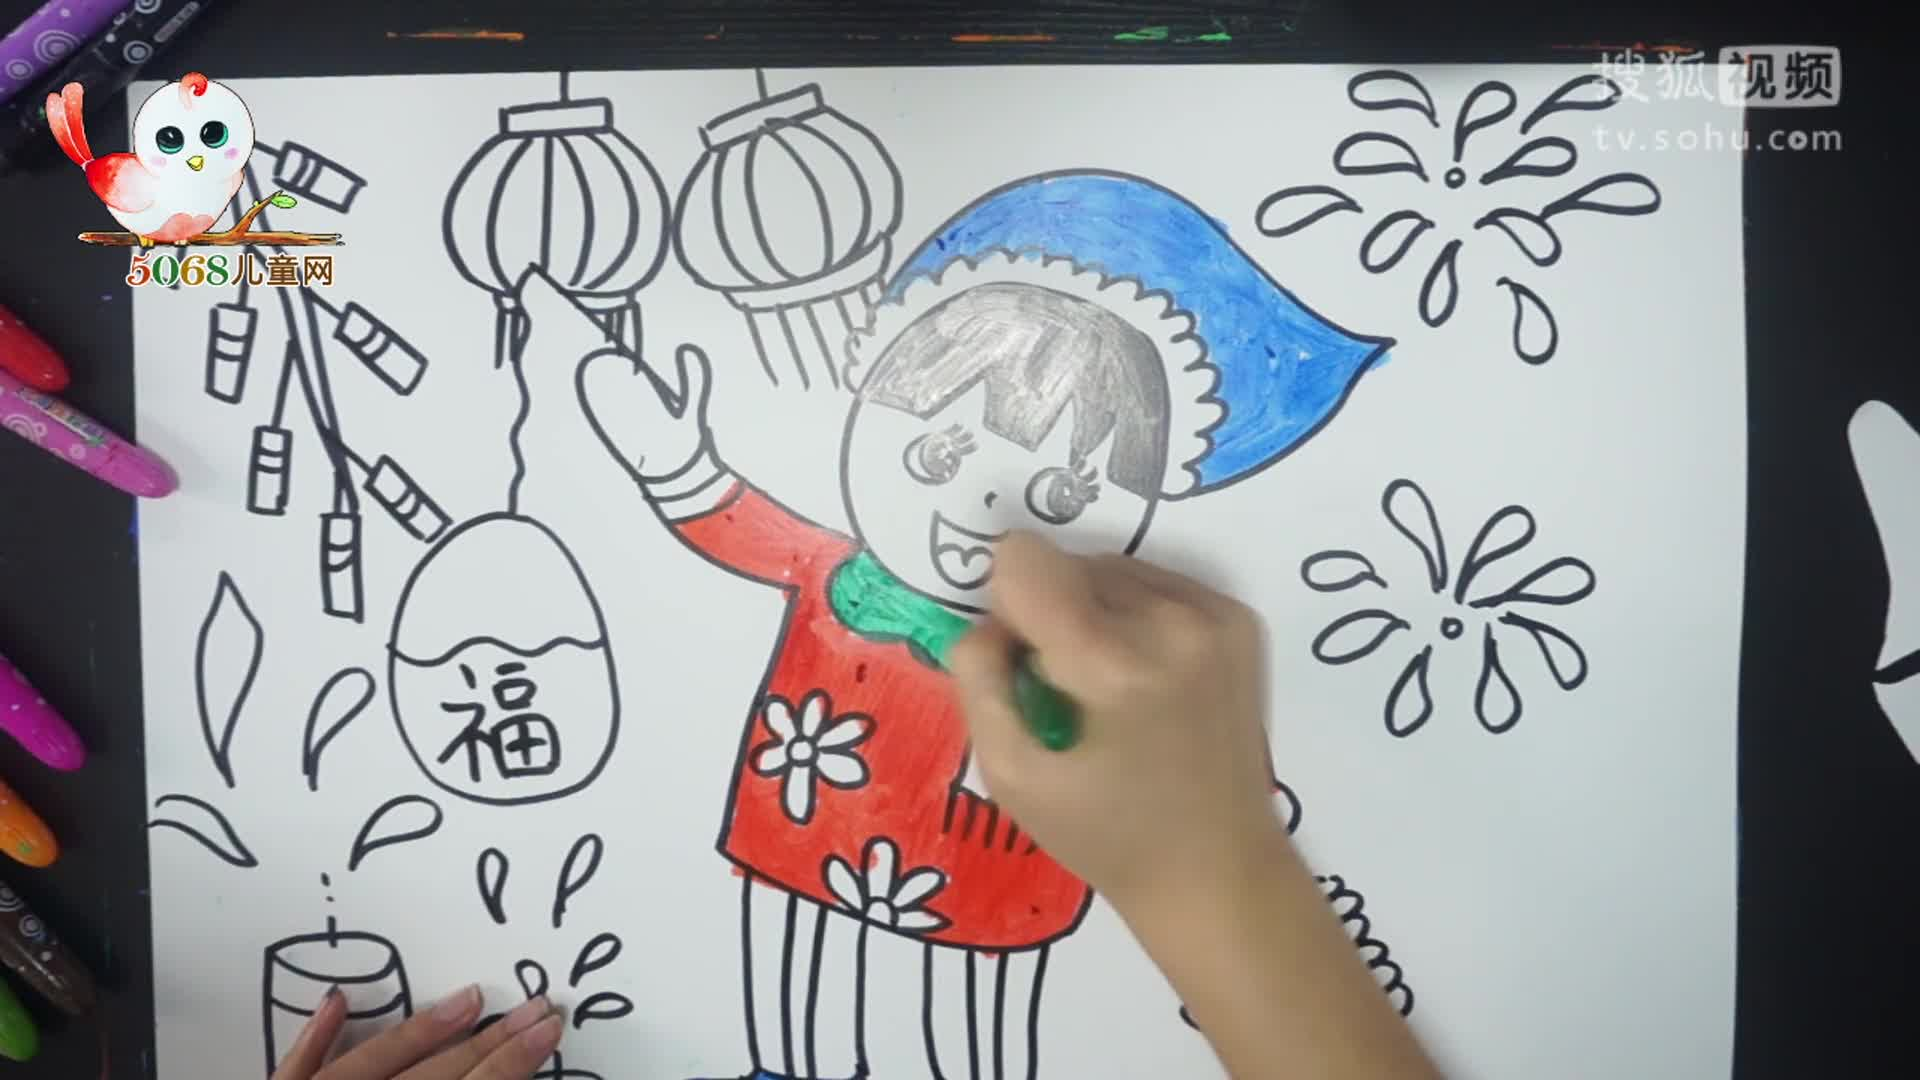 5068儿童网学画画第57课:过新年